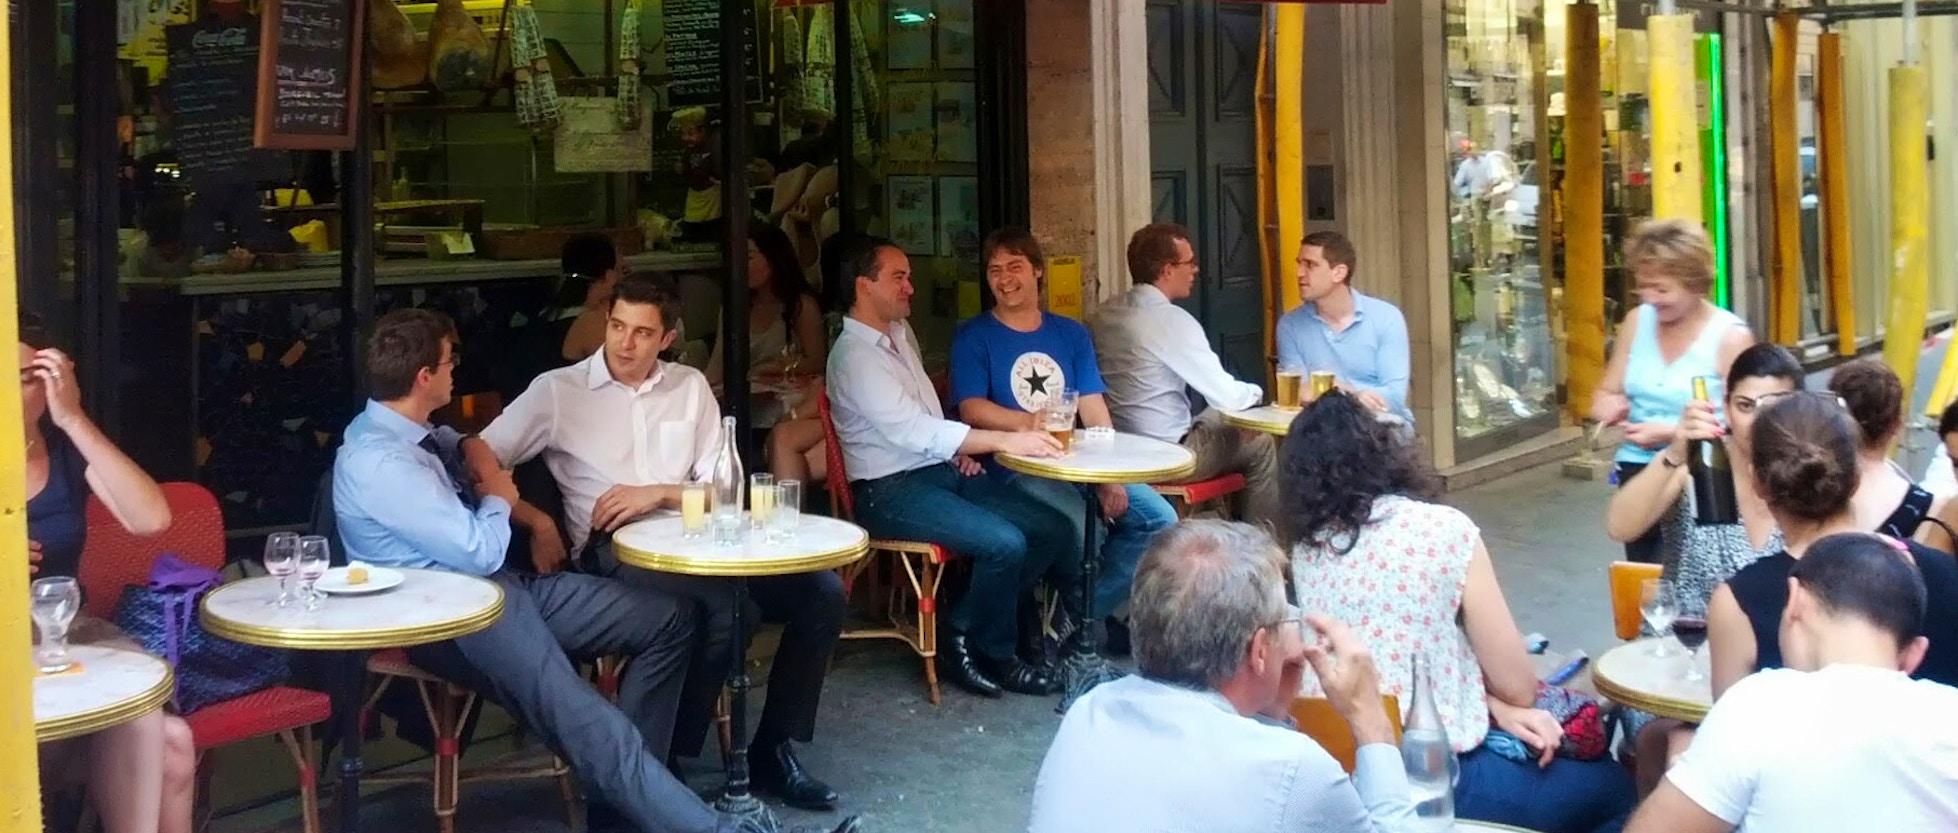 Le petit vend me il miglior sandwich prosciutto e burro for Miglior ristorante di parigi